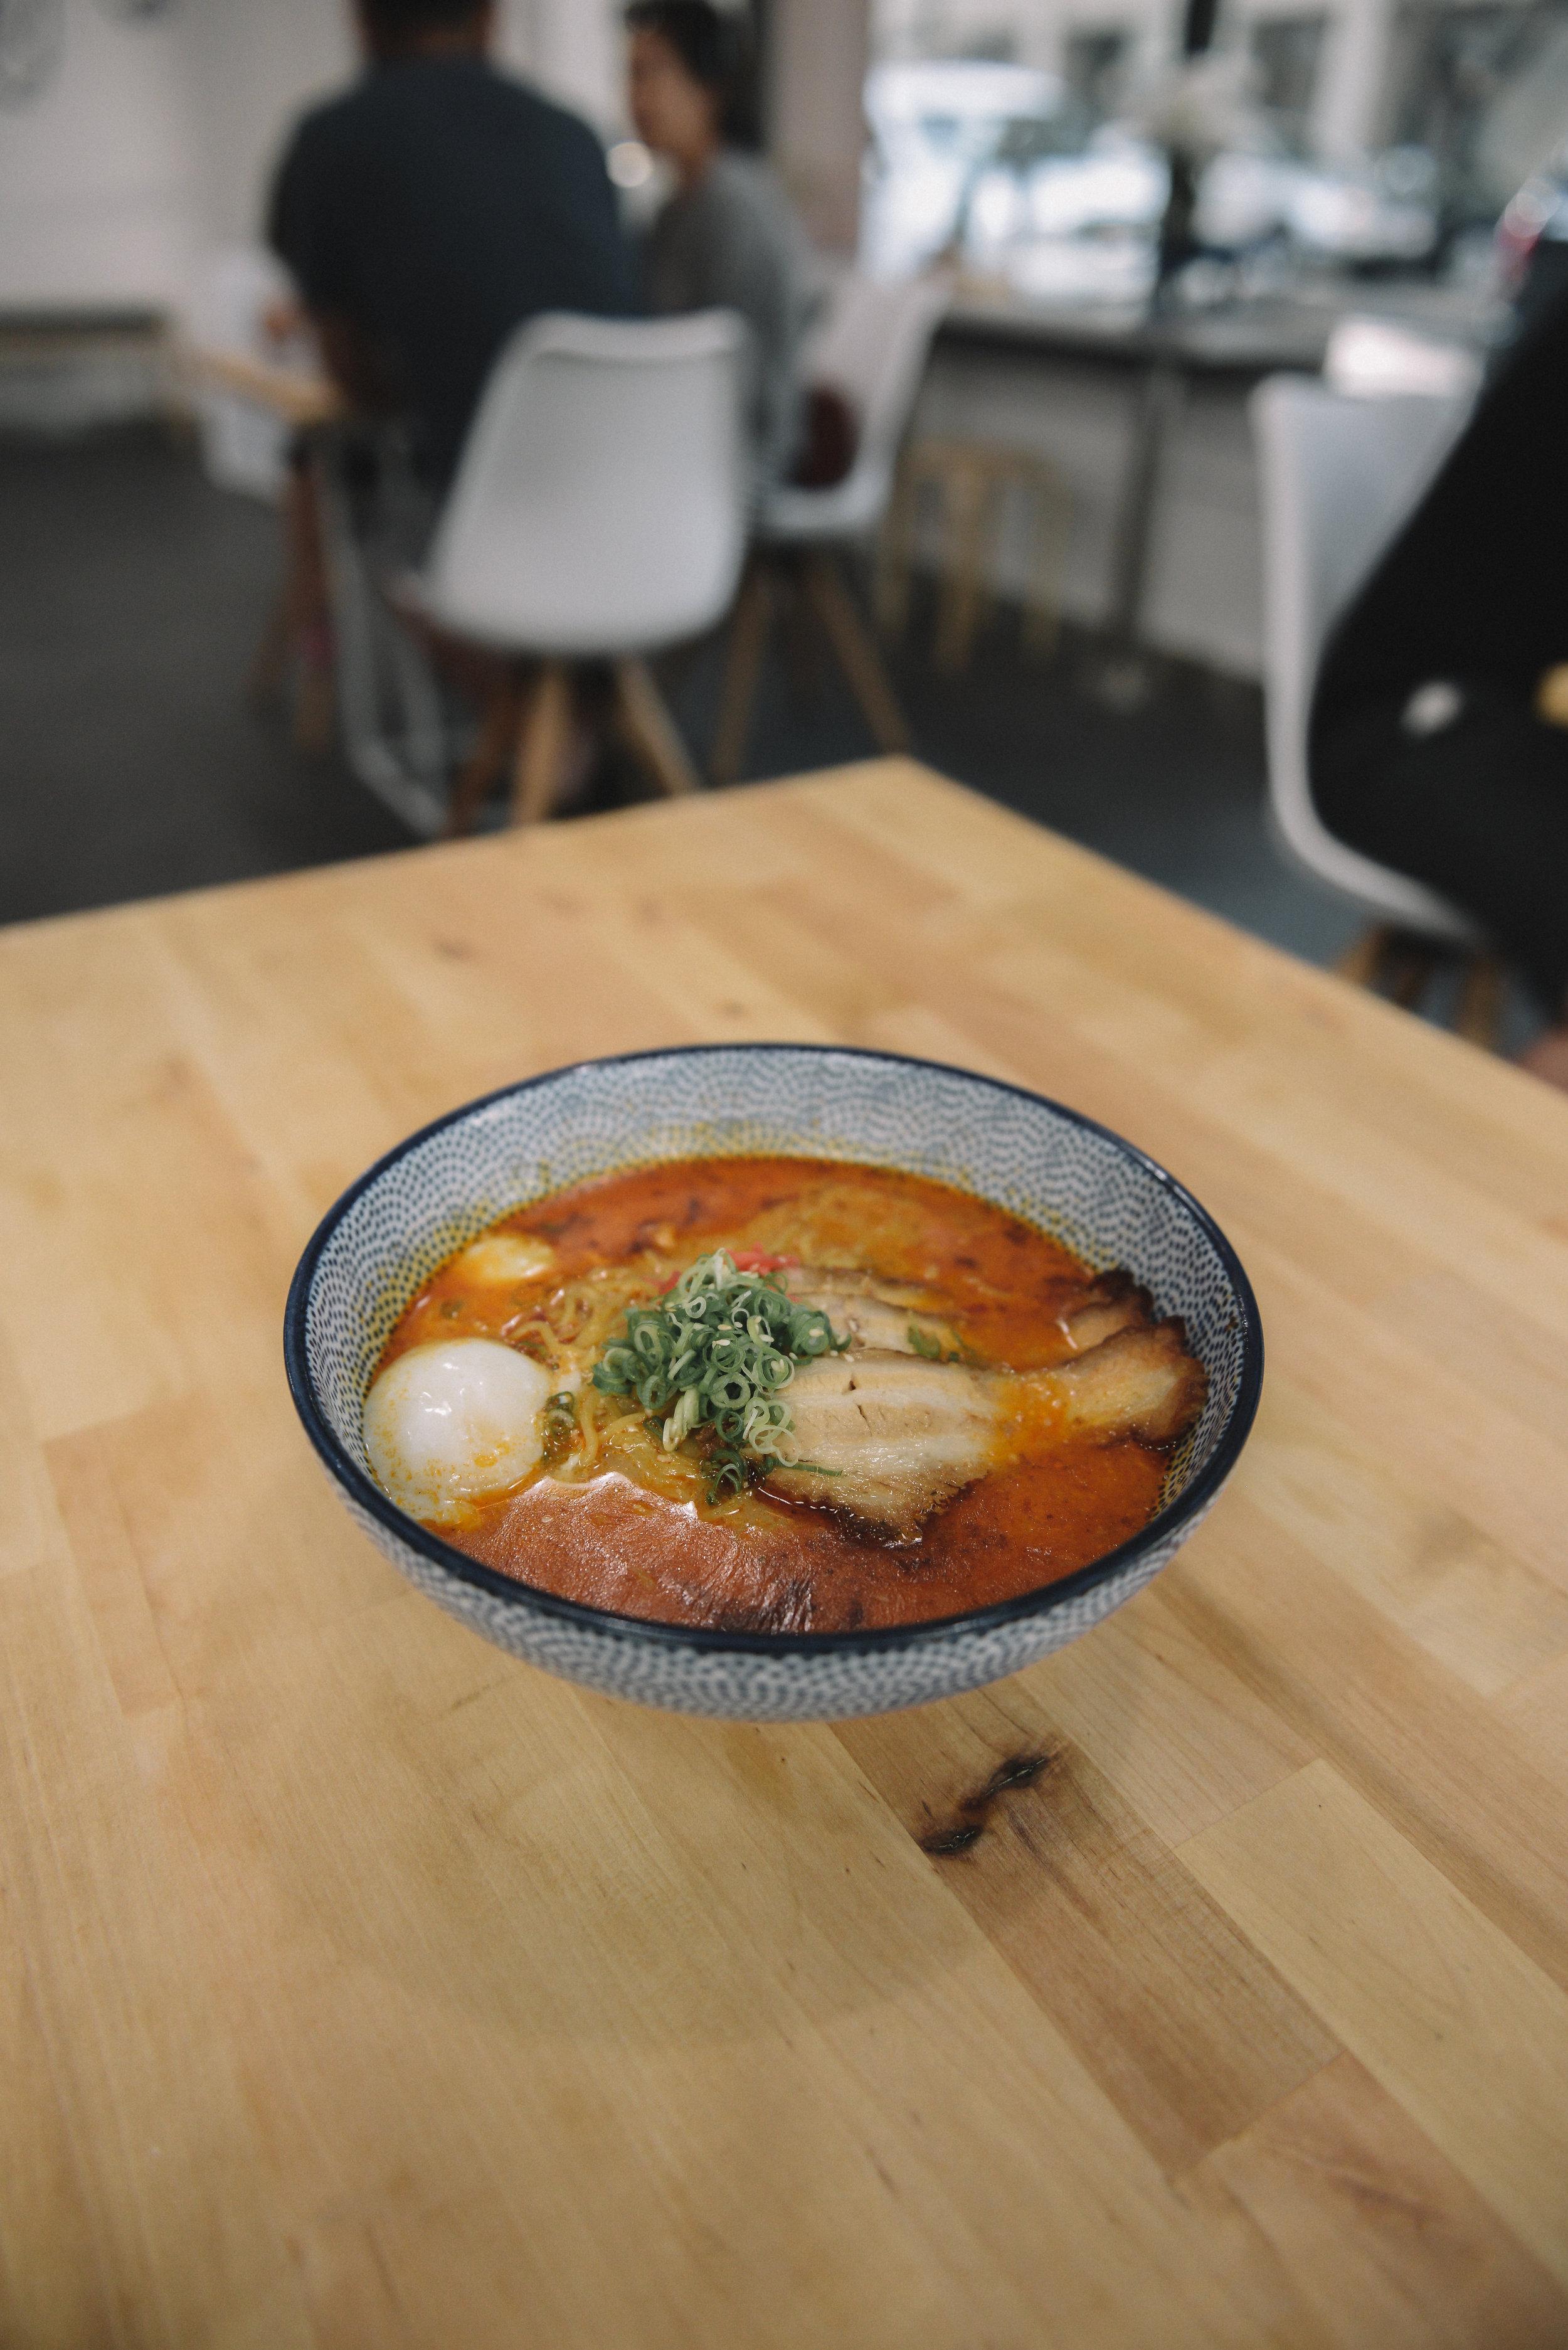 Again-Cafe-Chibiscus-Ramen-Spicy